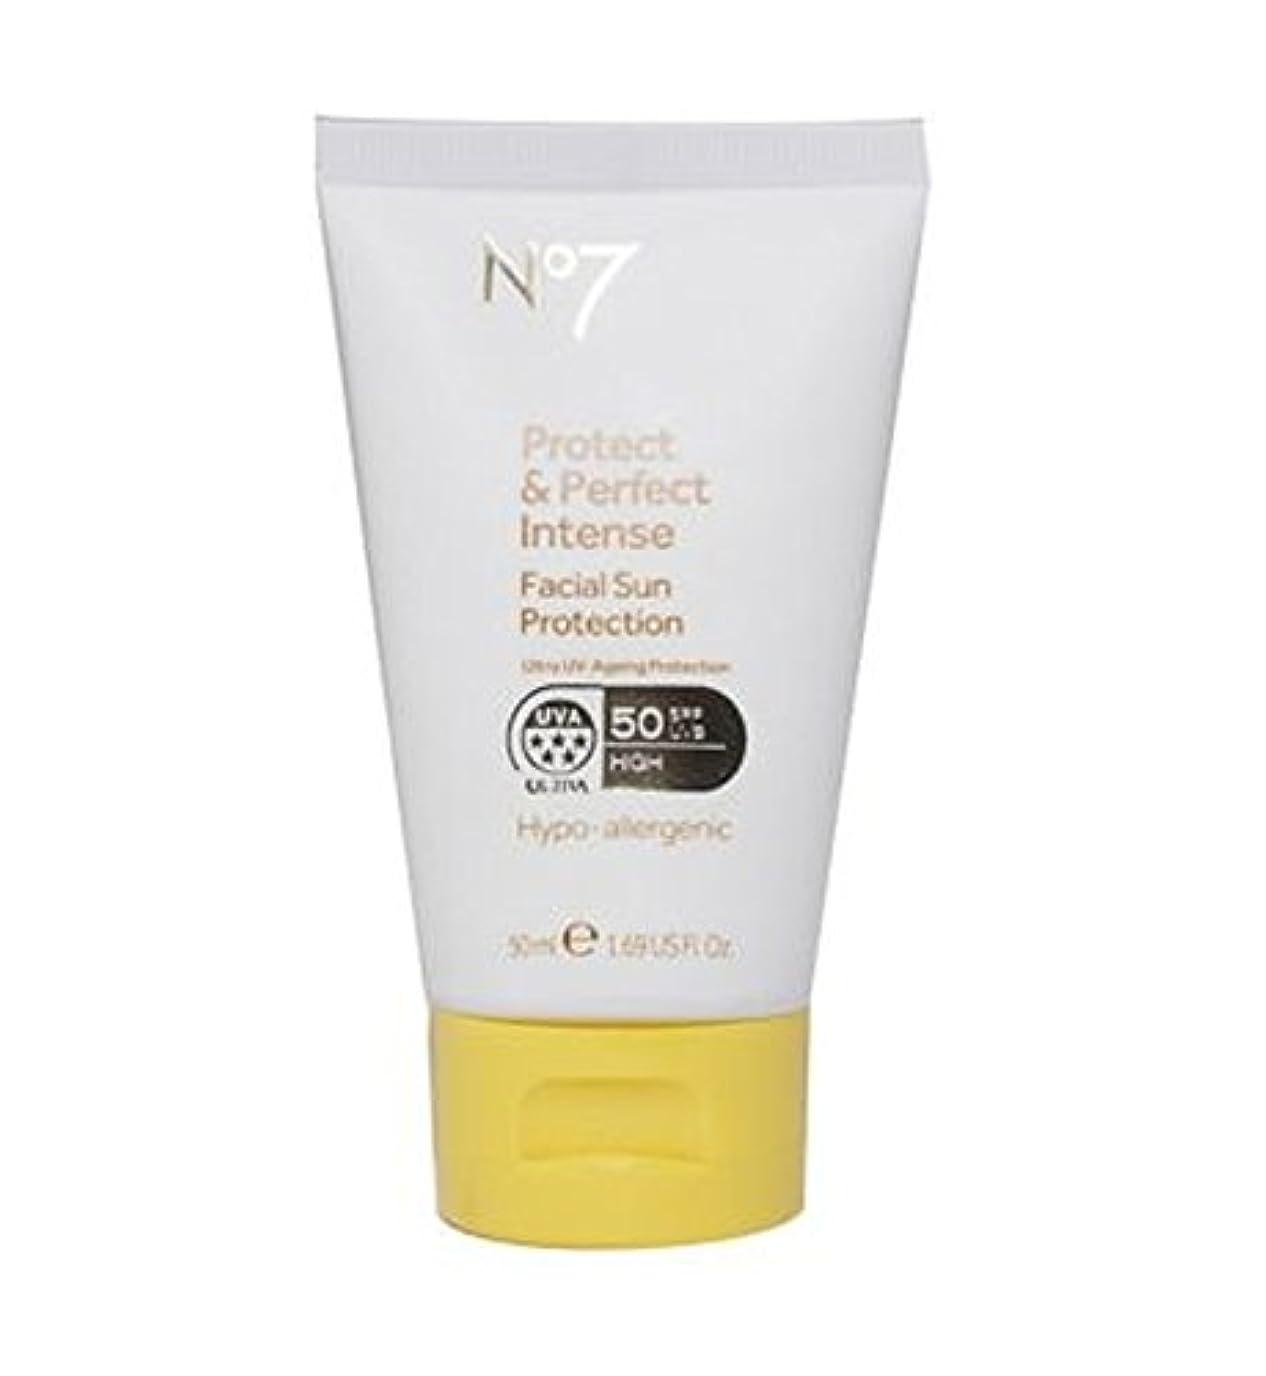 プラットフォームコカインキリマンジャロNo7 Protect & Perfect Intense Facial Sun Protection SPF 50 50ml - No7保護&完璧な強烈な顔の日焼け防止Spf 50 50ミリリットル (No7) [並行輸入品]